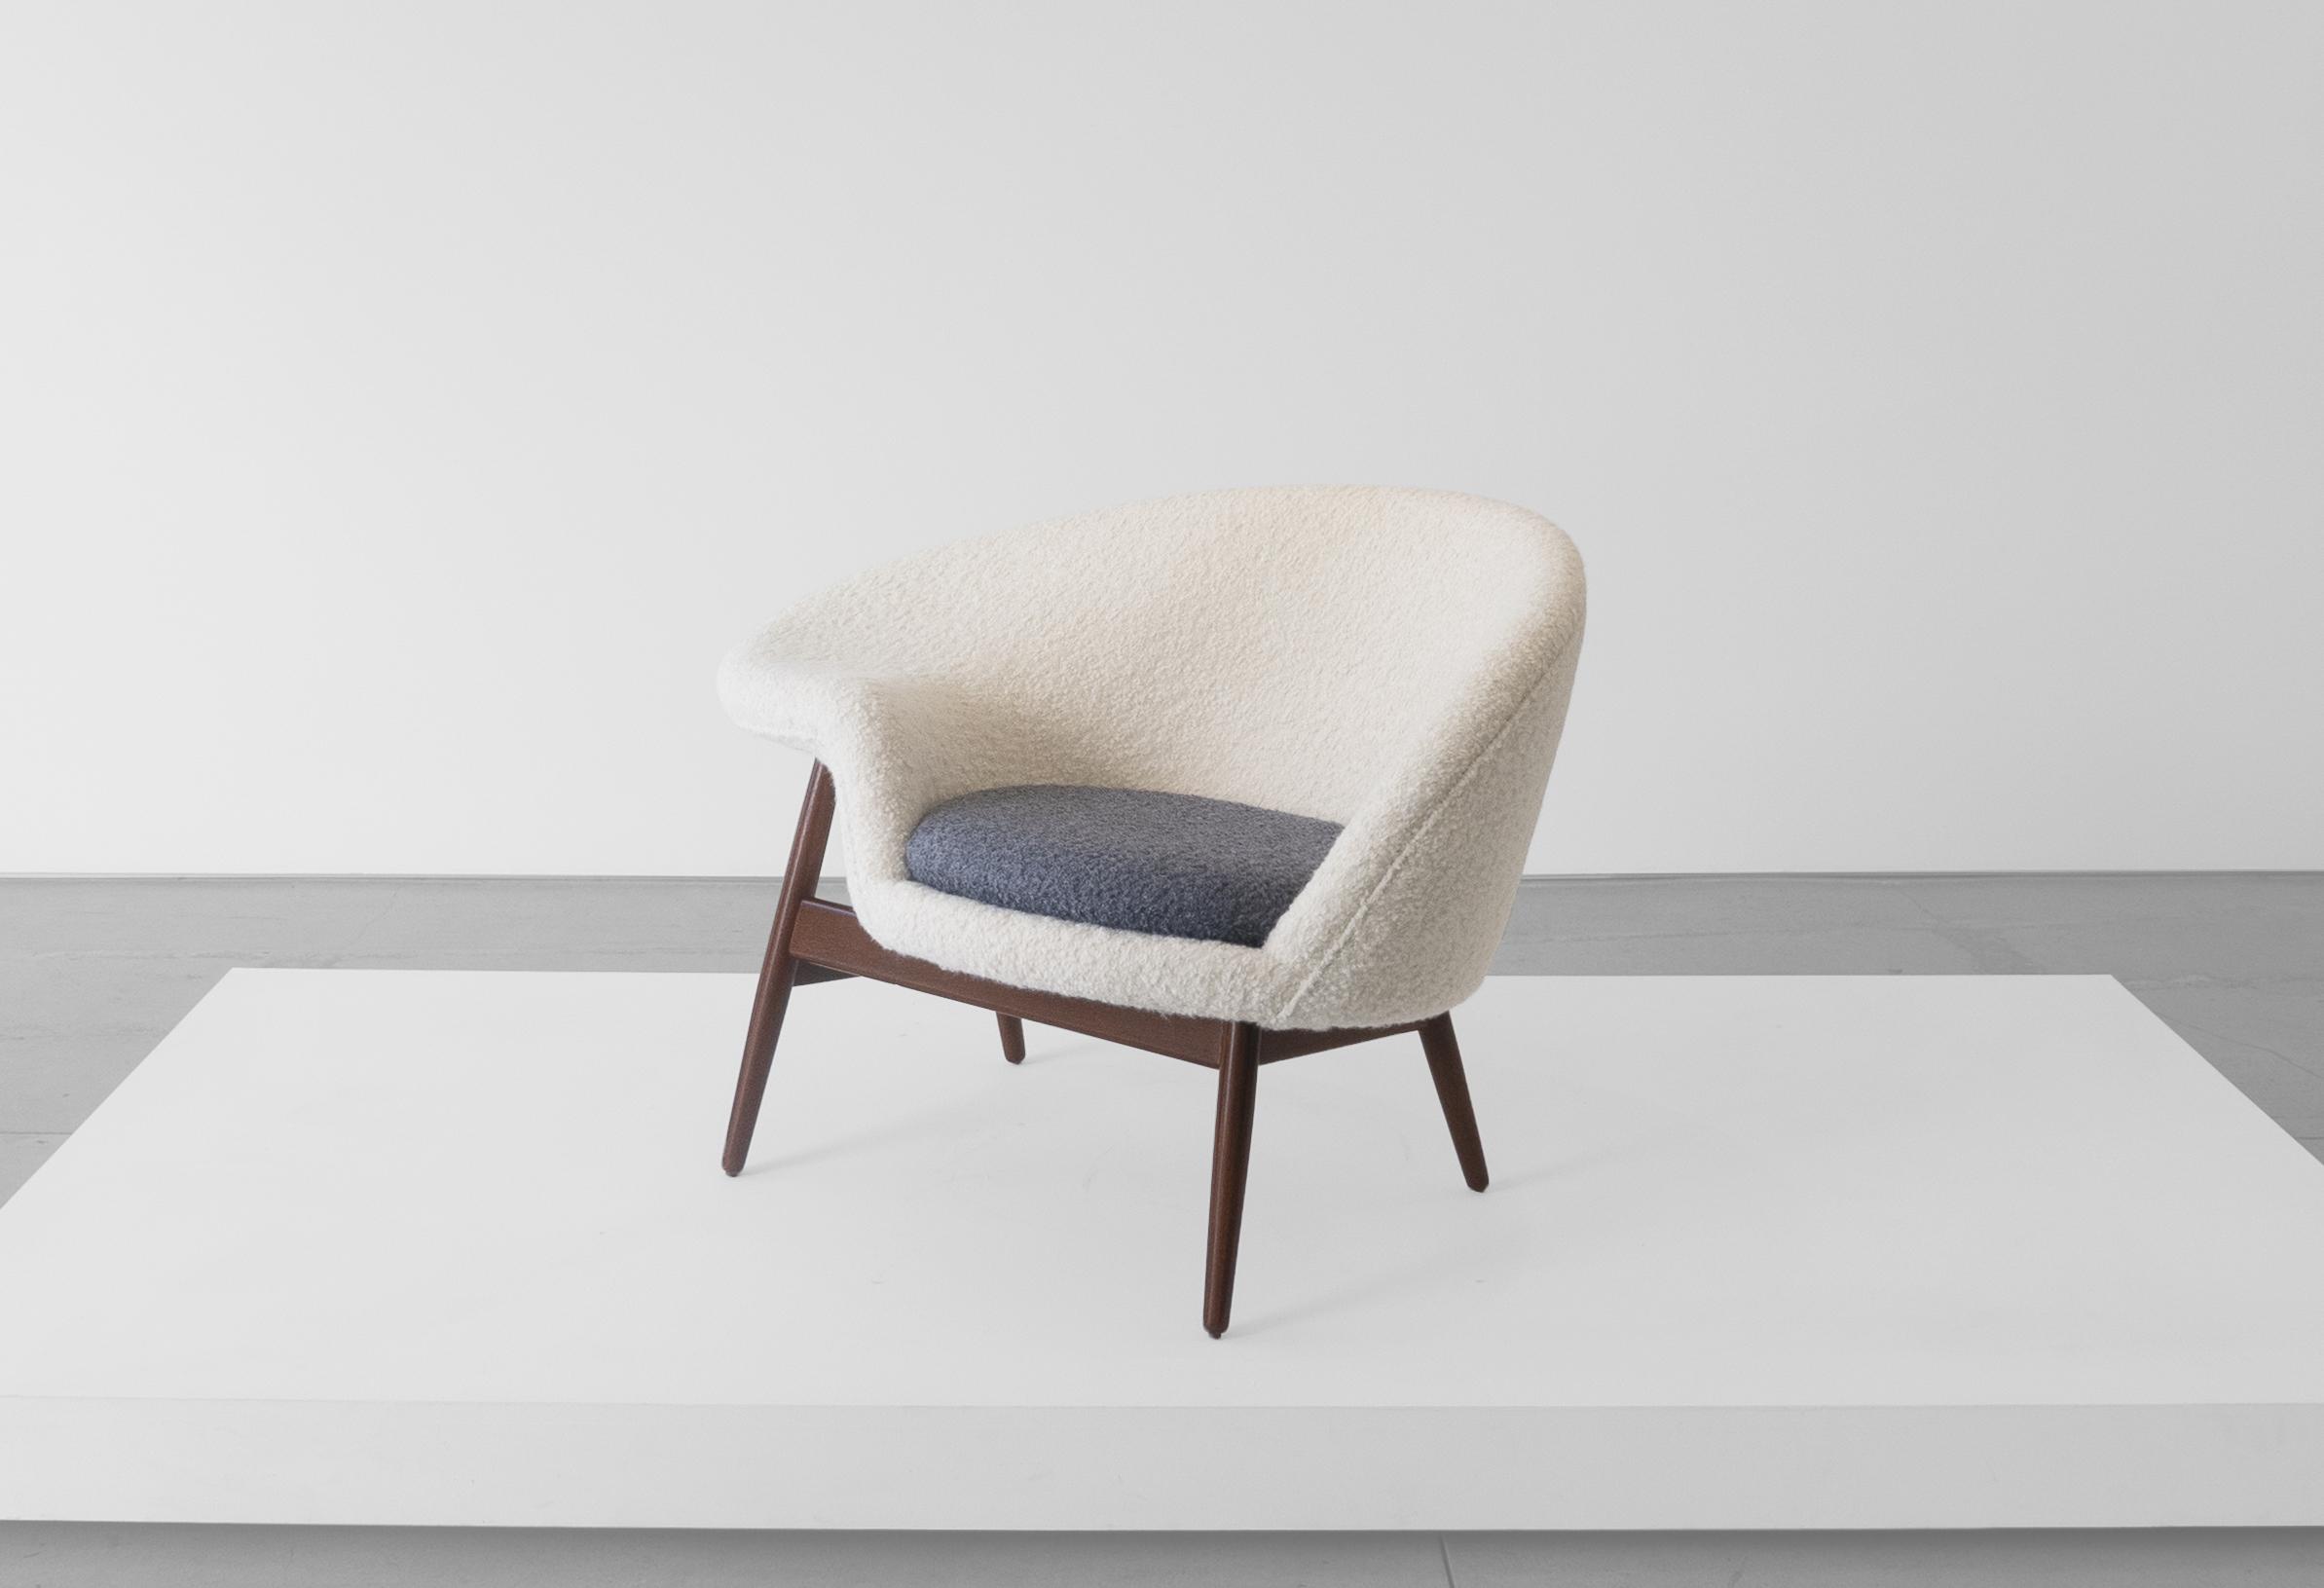 """Hans Olsen, """"Fried Egg"""" Chair 2, c. 1956, Teak, Upholstery, 26 H x 40 W x 30 D inches_2.jpg"""